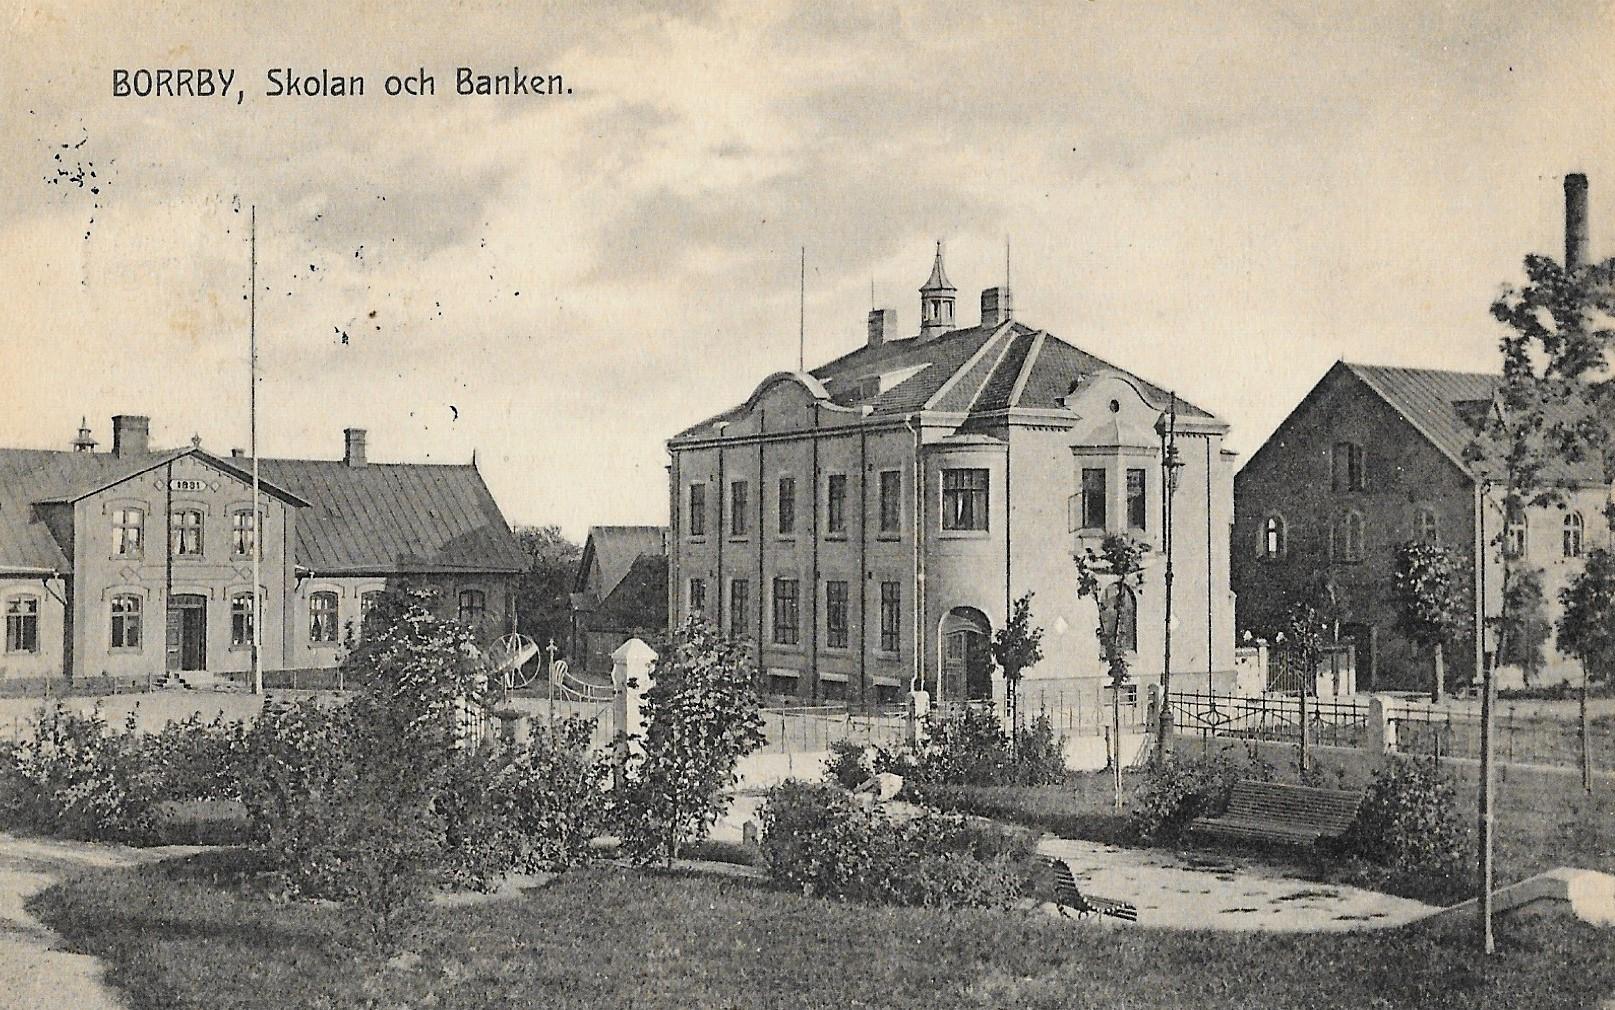 Kring Korsoren i Borrby